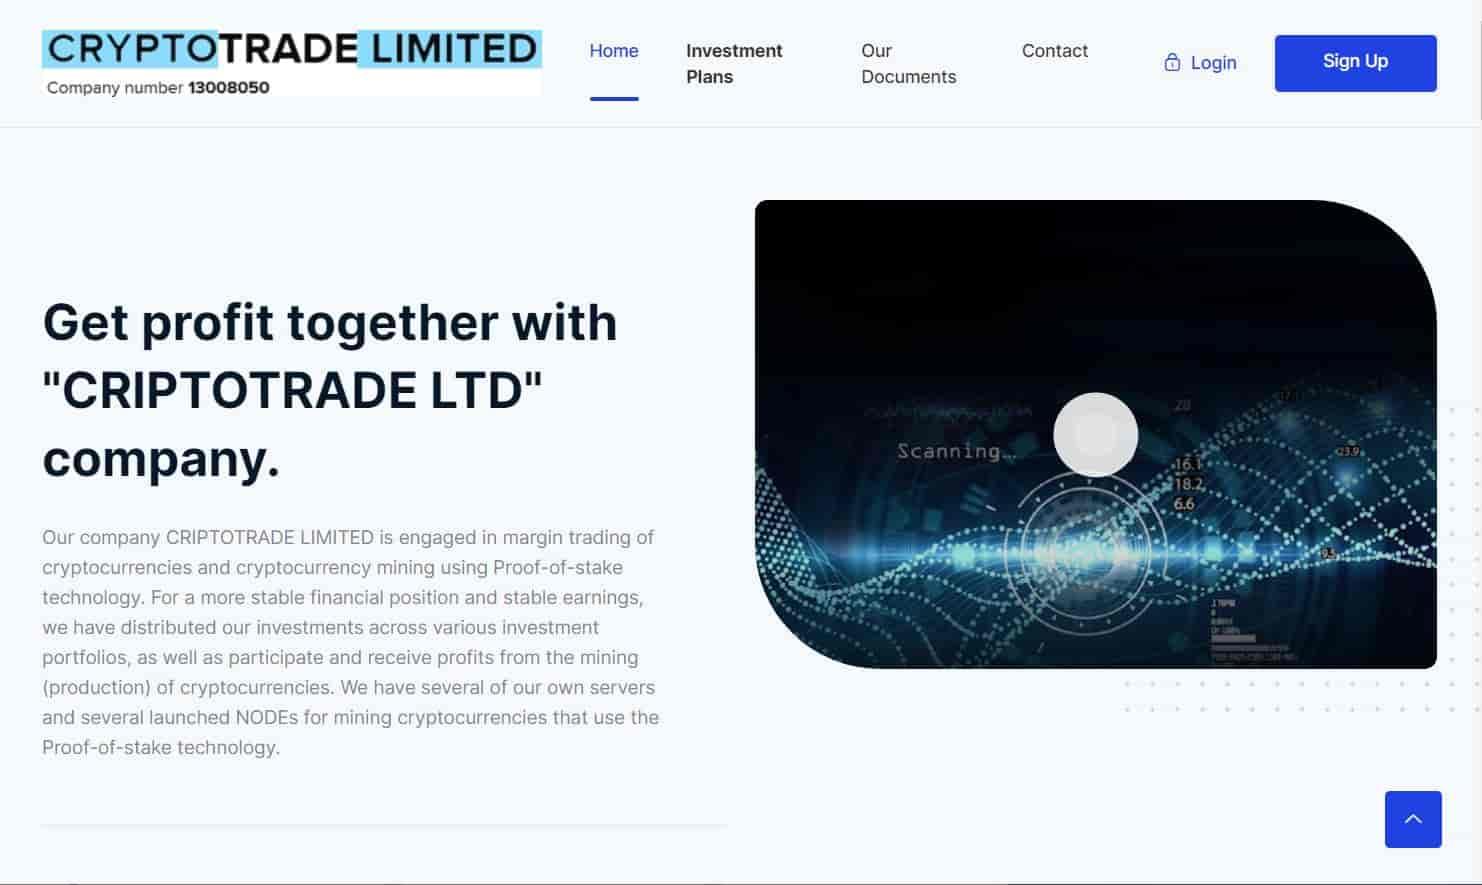 Crypto Trade Limited